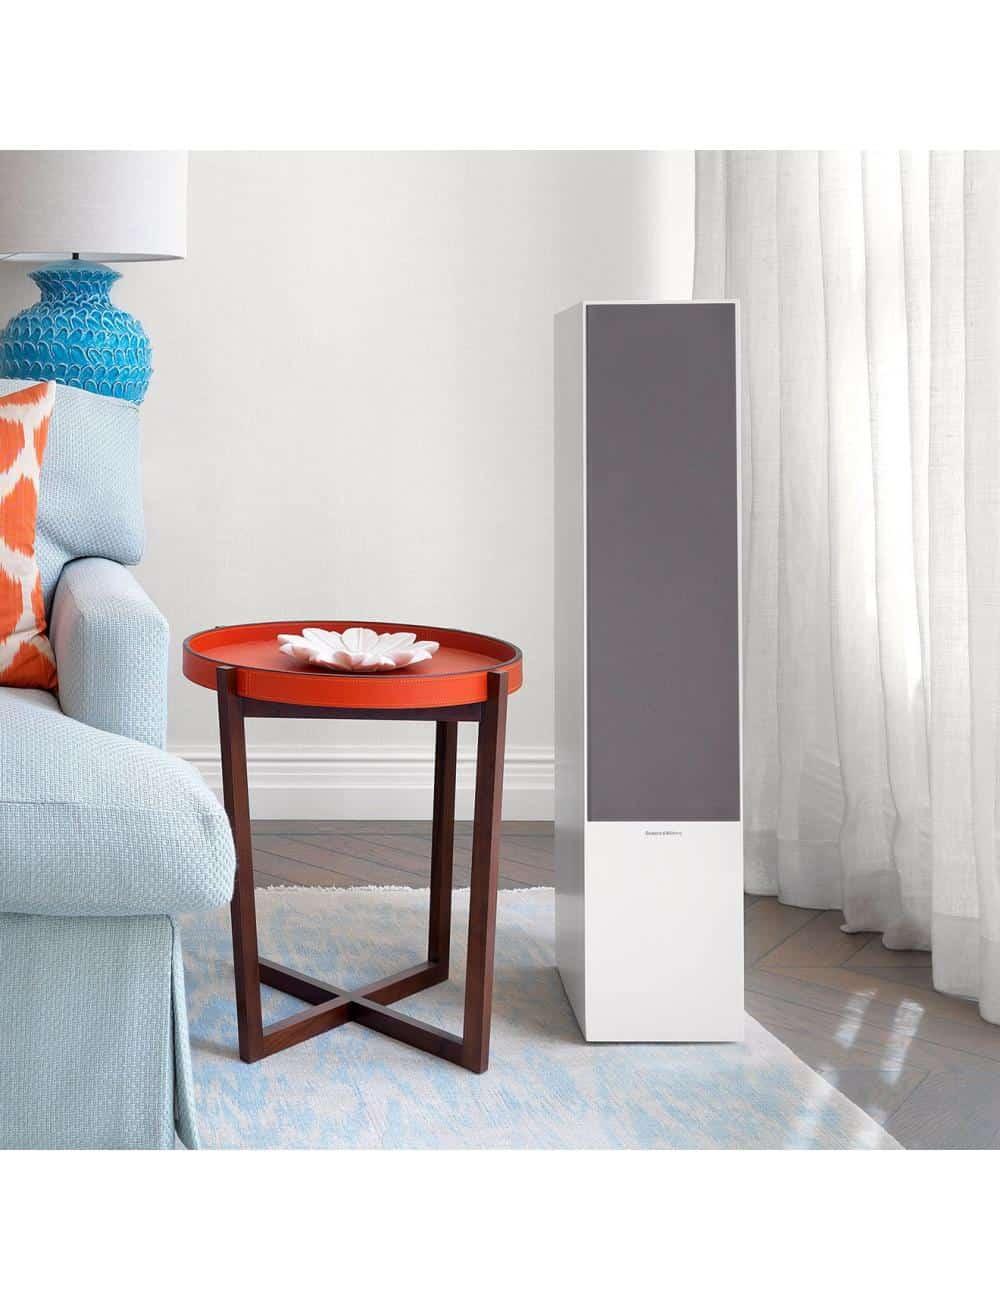 diffusori acustici da pavimento per hifi e home theater, Bowers & Wilkins 703, finitura bianco satinato ambiente